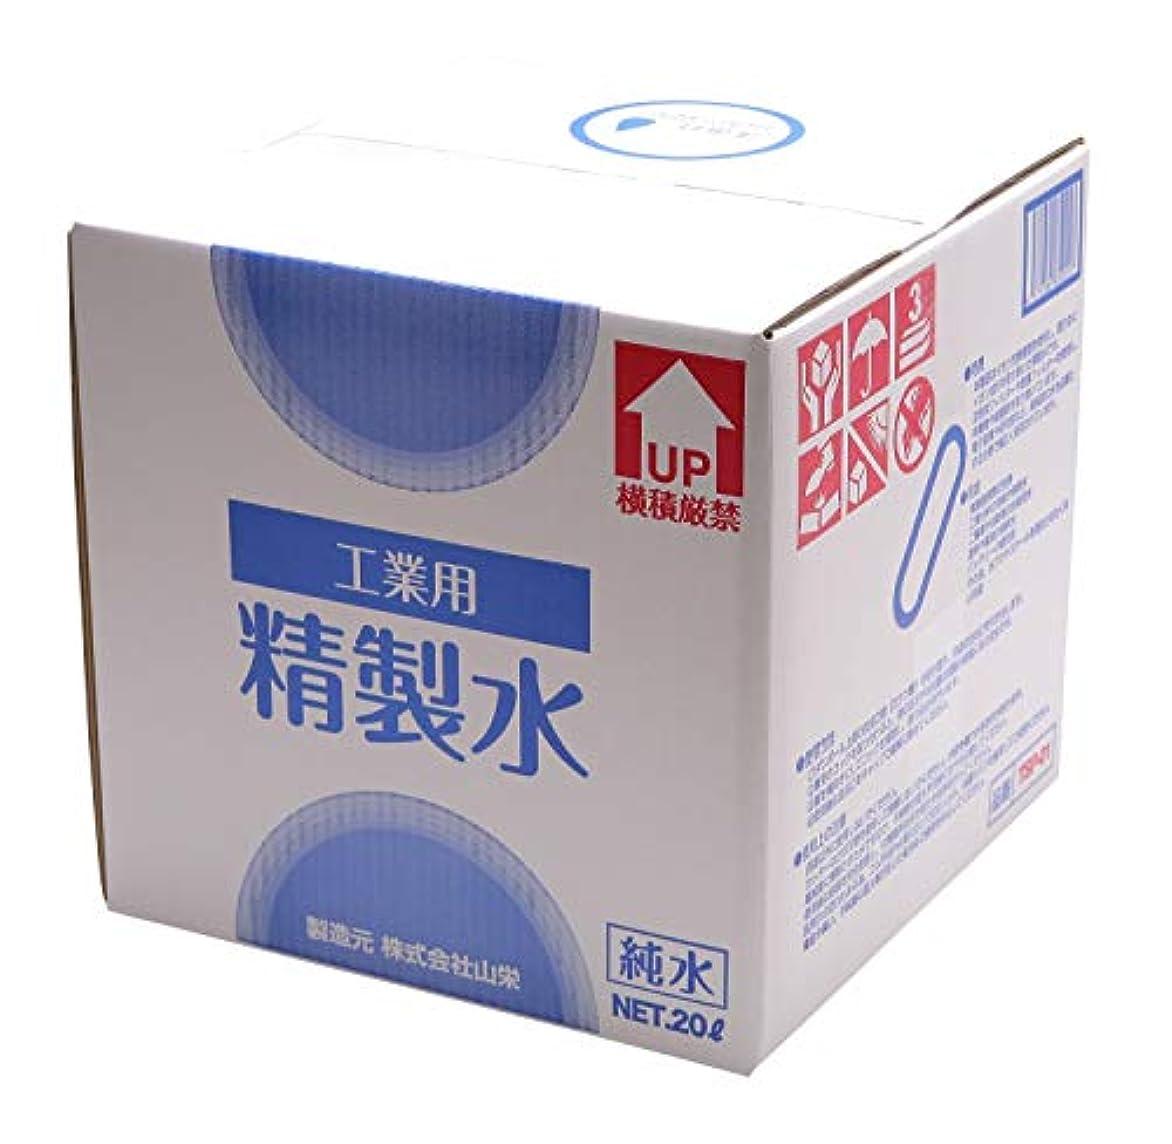 細菌安全性カプラーサンエイ化学 工業用精製水 純水 20L×1箱 コック付き 【スチーマー 加湿器 オートクレーブ エステ 美容 歯科】